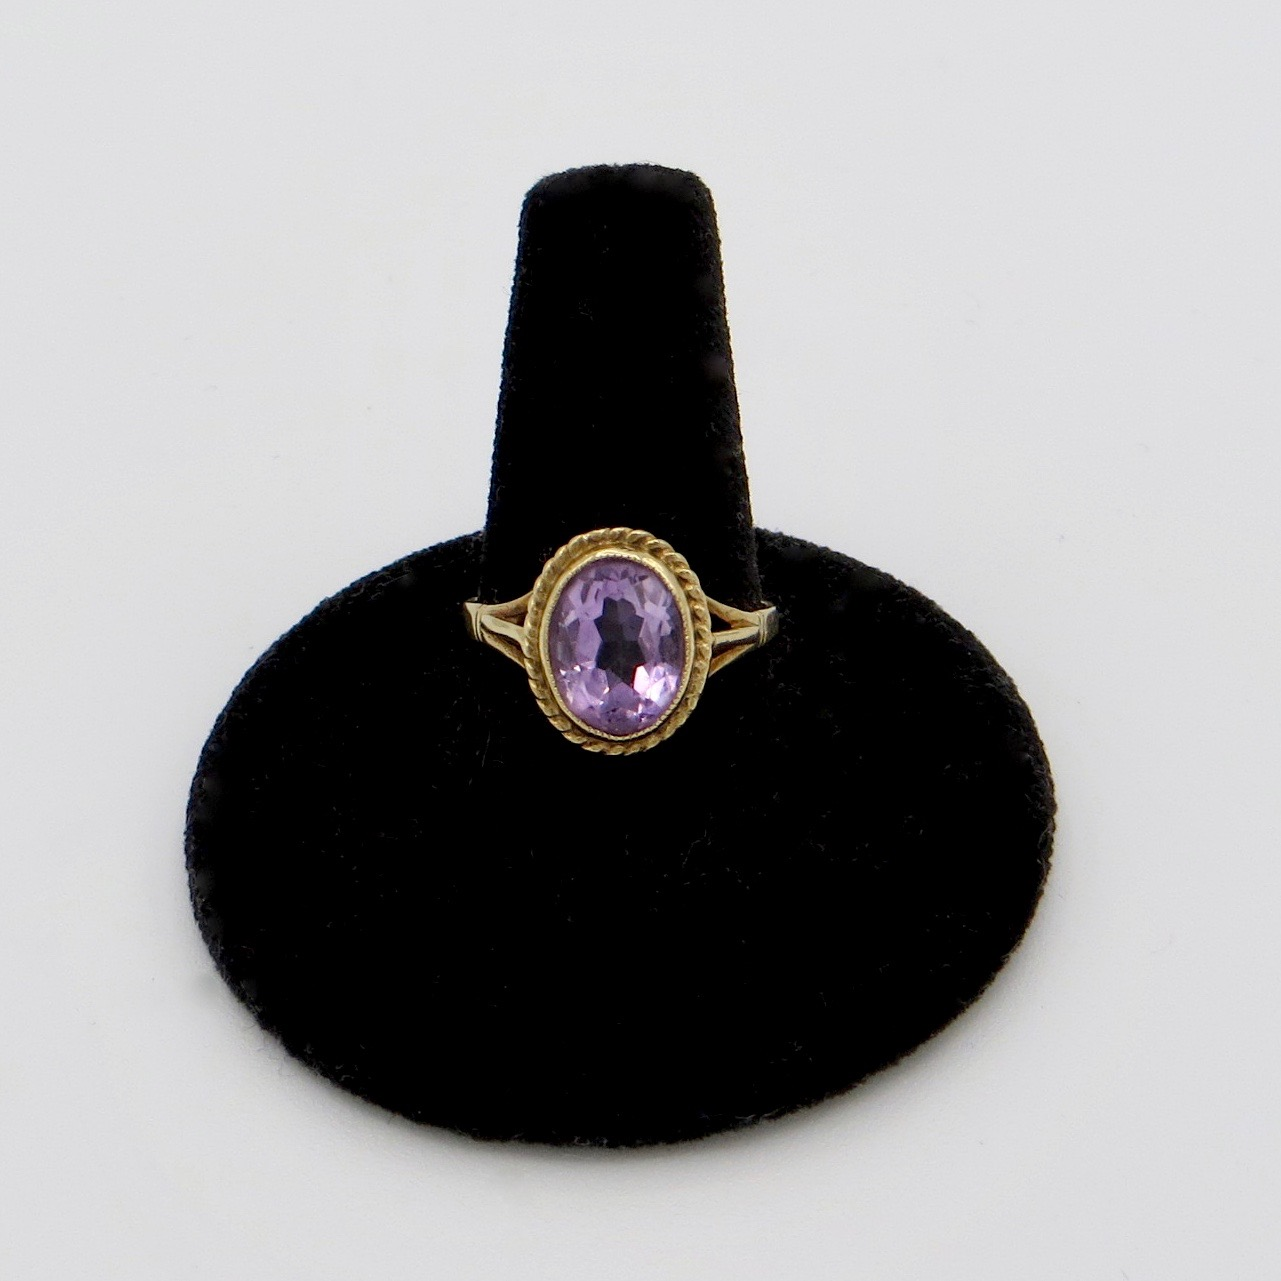 9kt Gold & Amethyst Ring